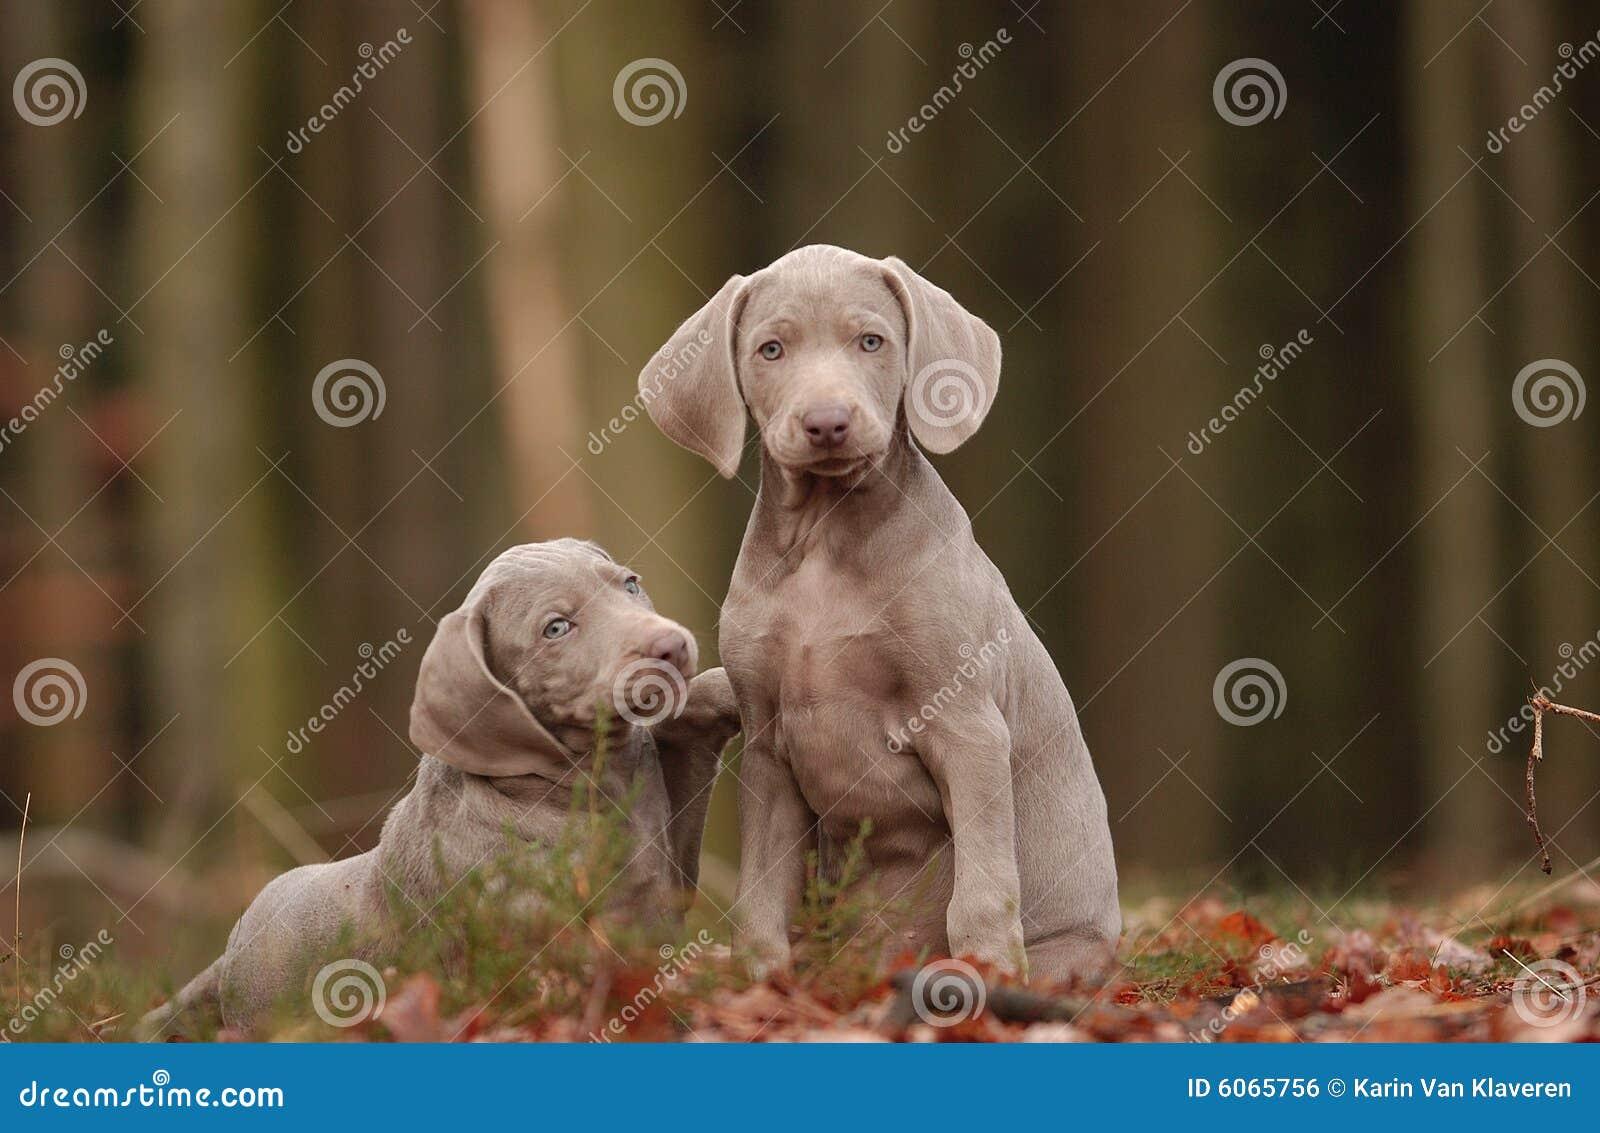 how to train a weimaraner puppy